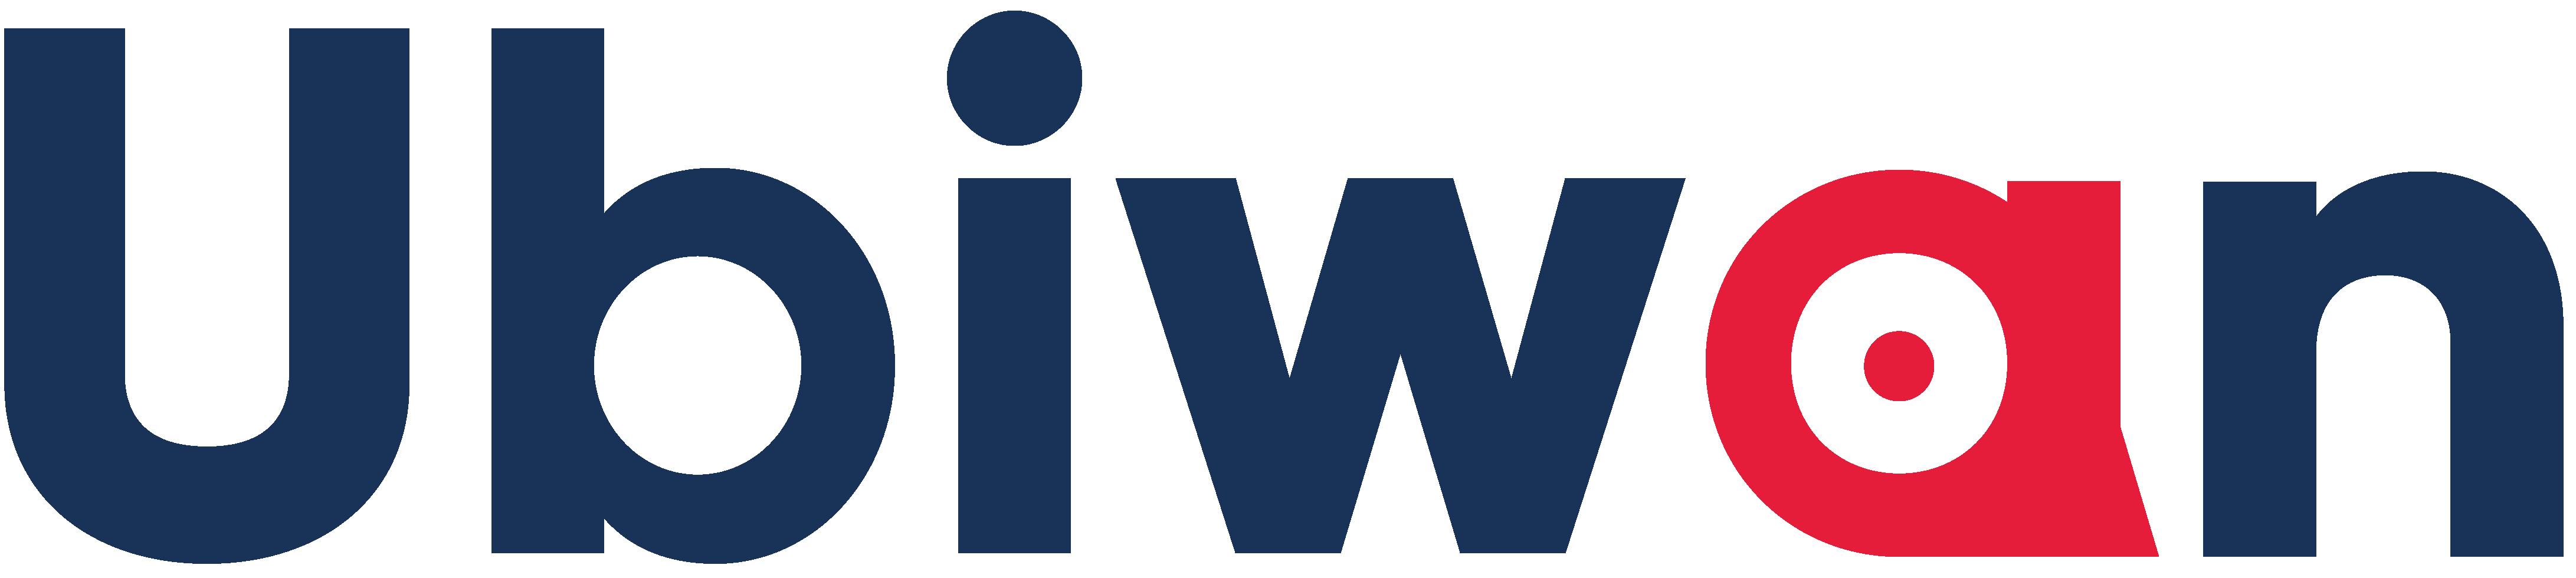 logo_ubiwan